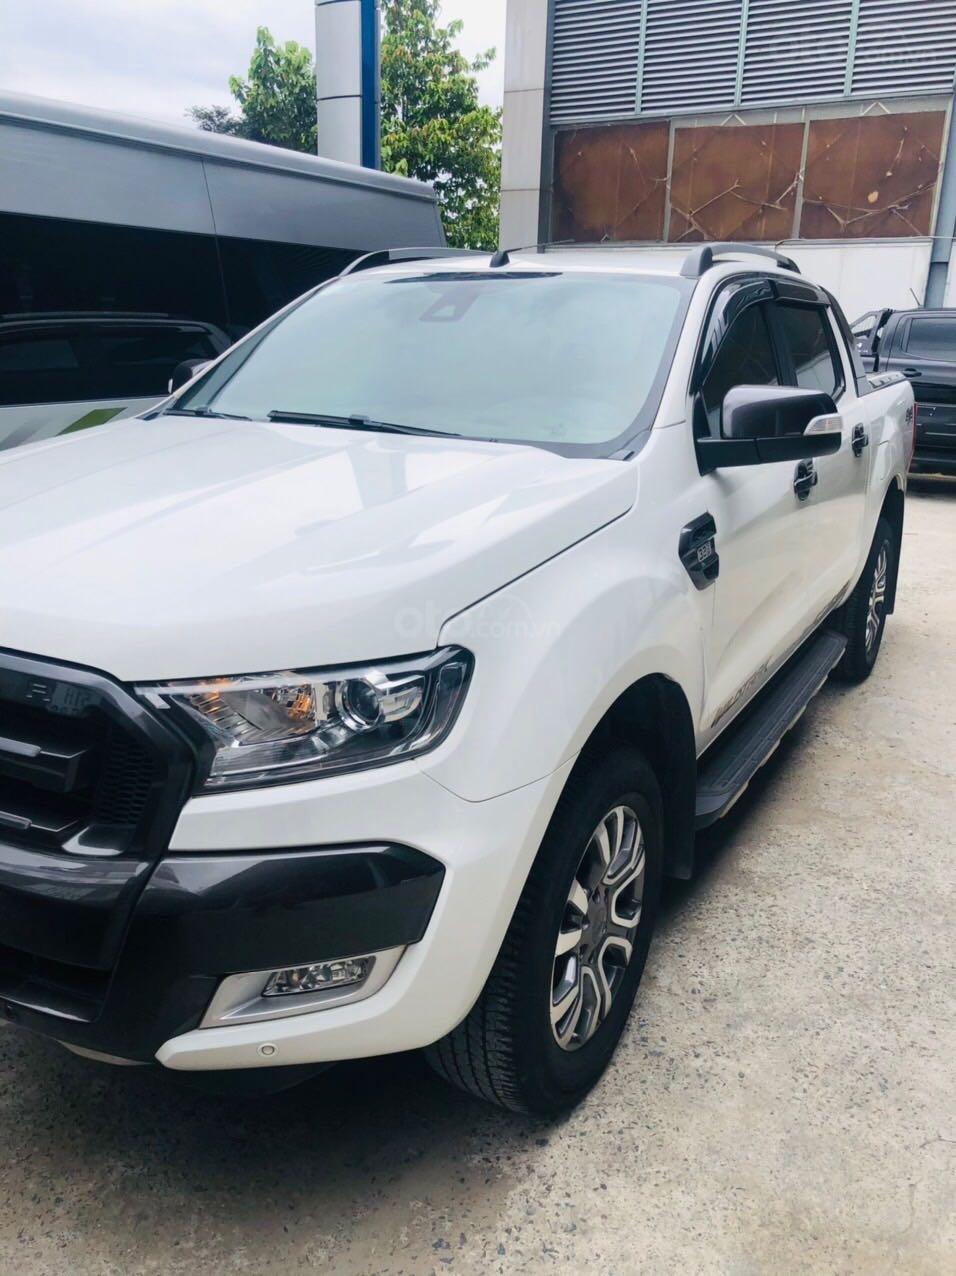 Cần bán Ford Ranger đăng ký lần đầu 2017, màu trắng còn mới giá tốt 775 triệu đồng. (1)